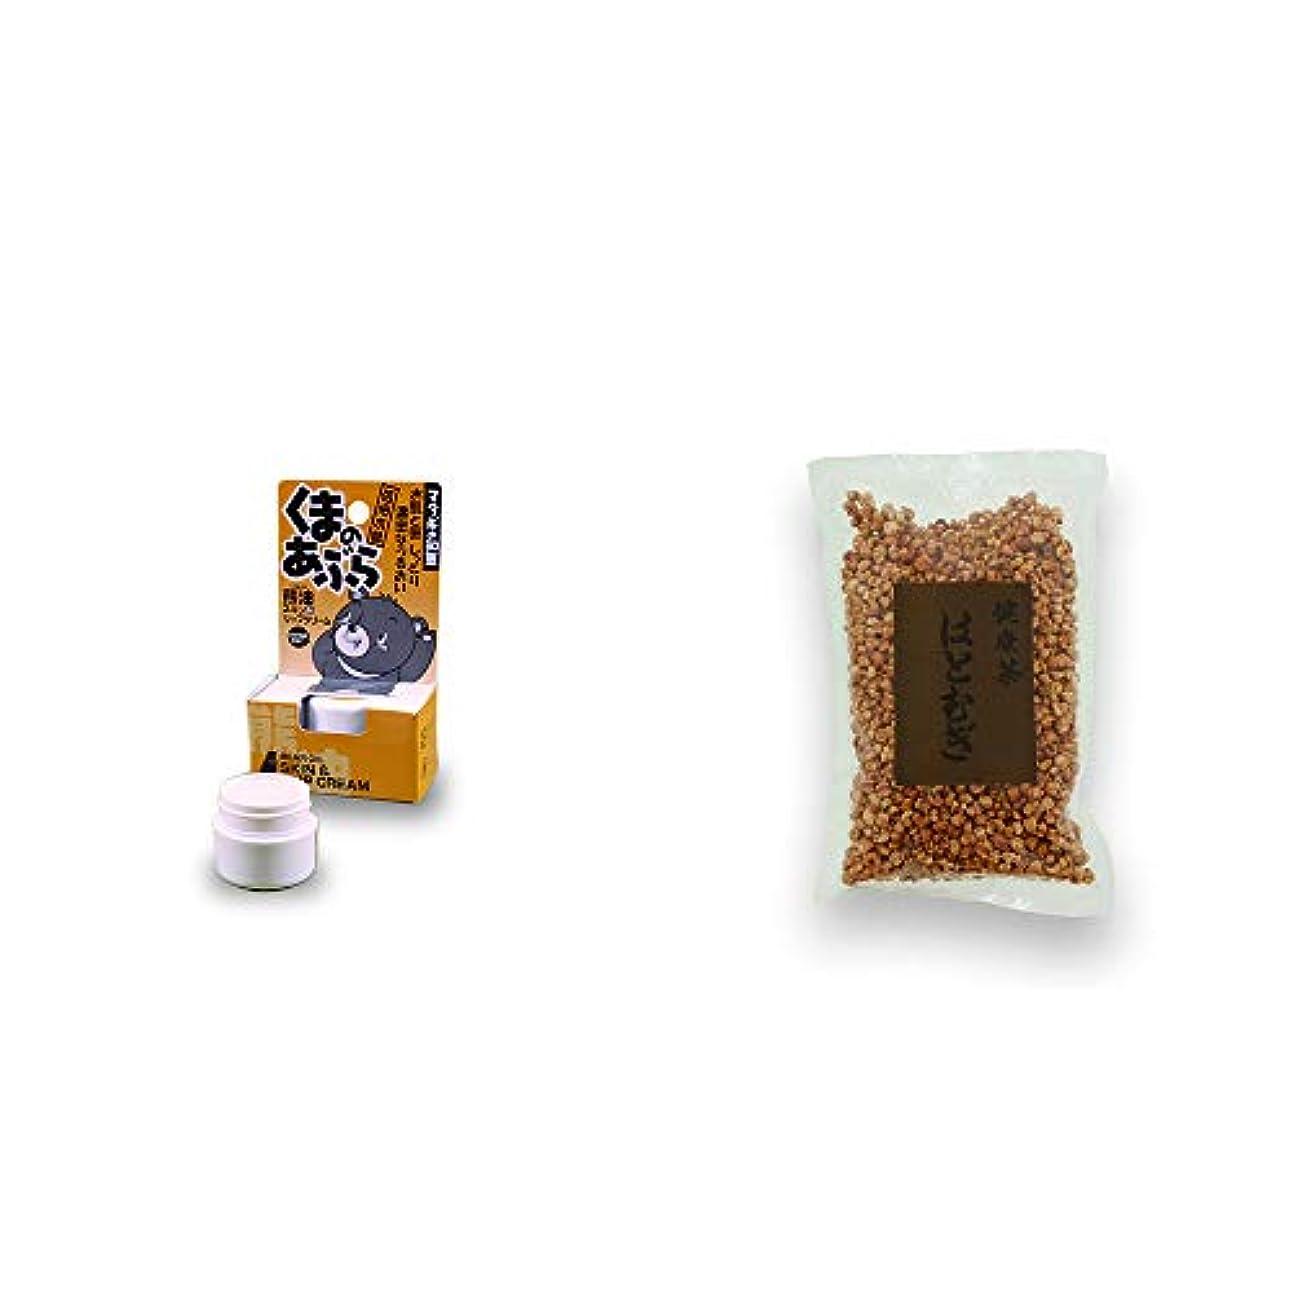 レベル現れるやさしい[2点セット] 信州木曽 くまのあぶら 熊油スキン&リップクリーム(9g)?健康茶 はとむぎ(200g)